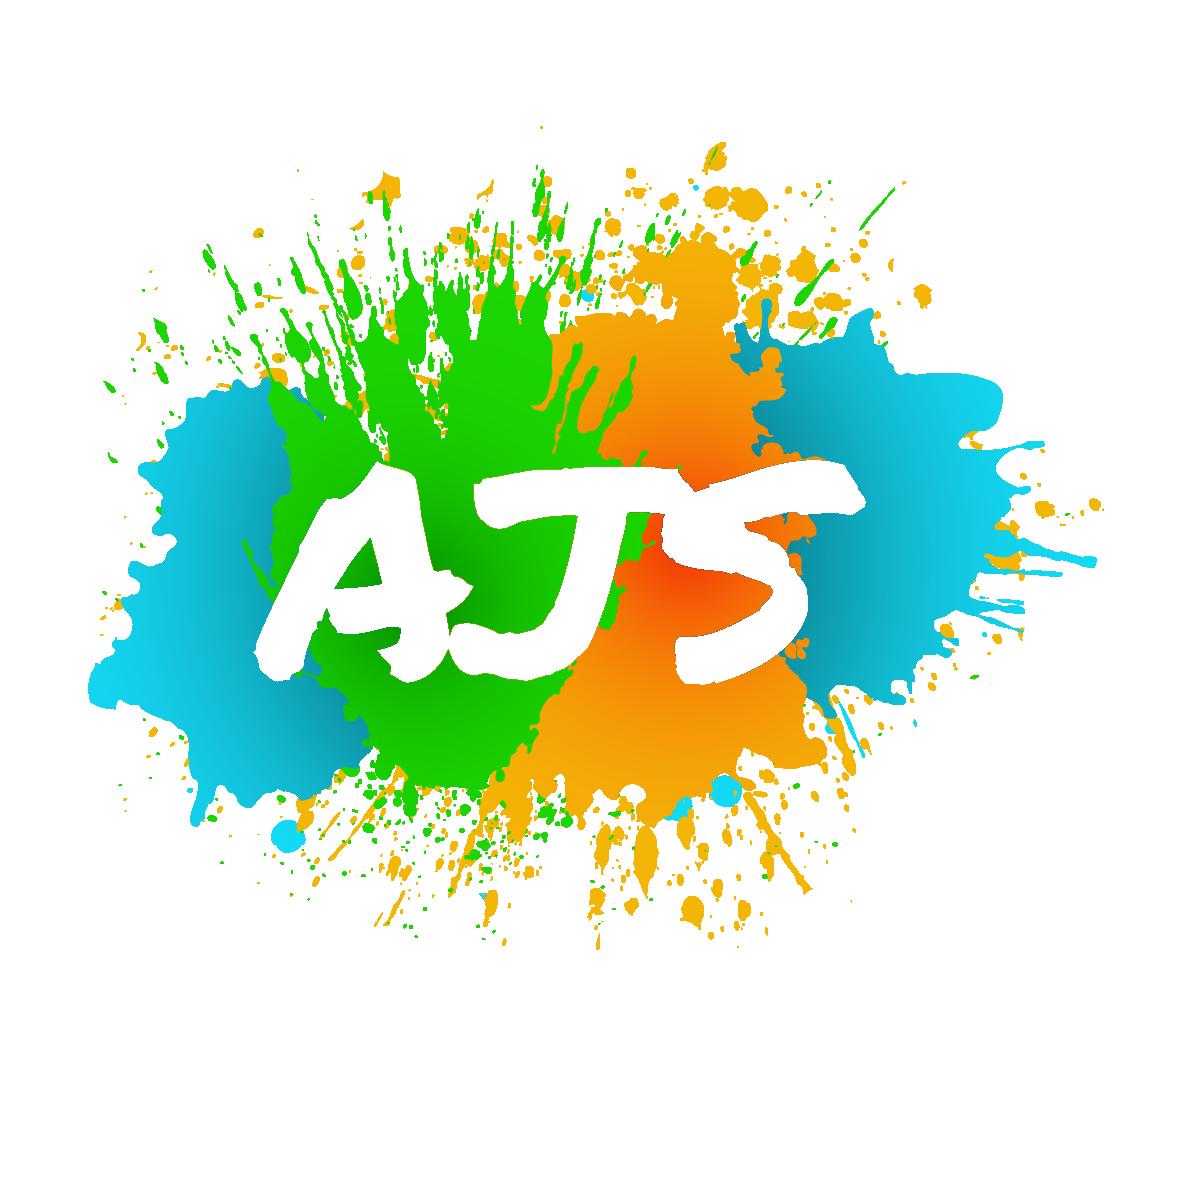 Asociación Jóvenes Solidarios